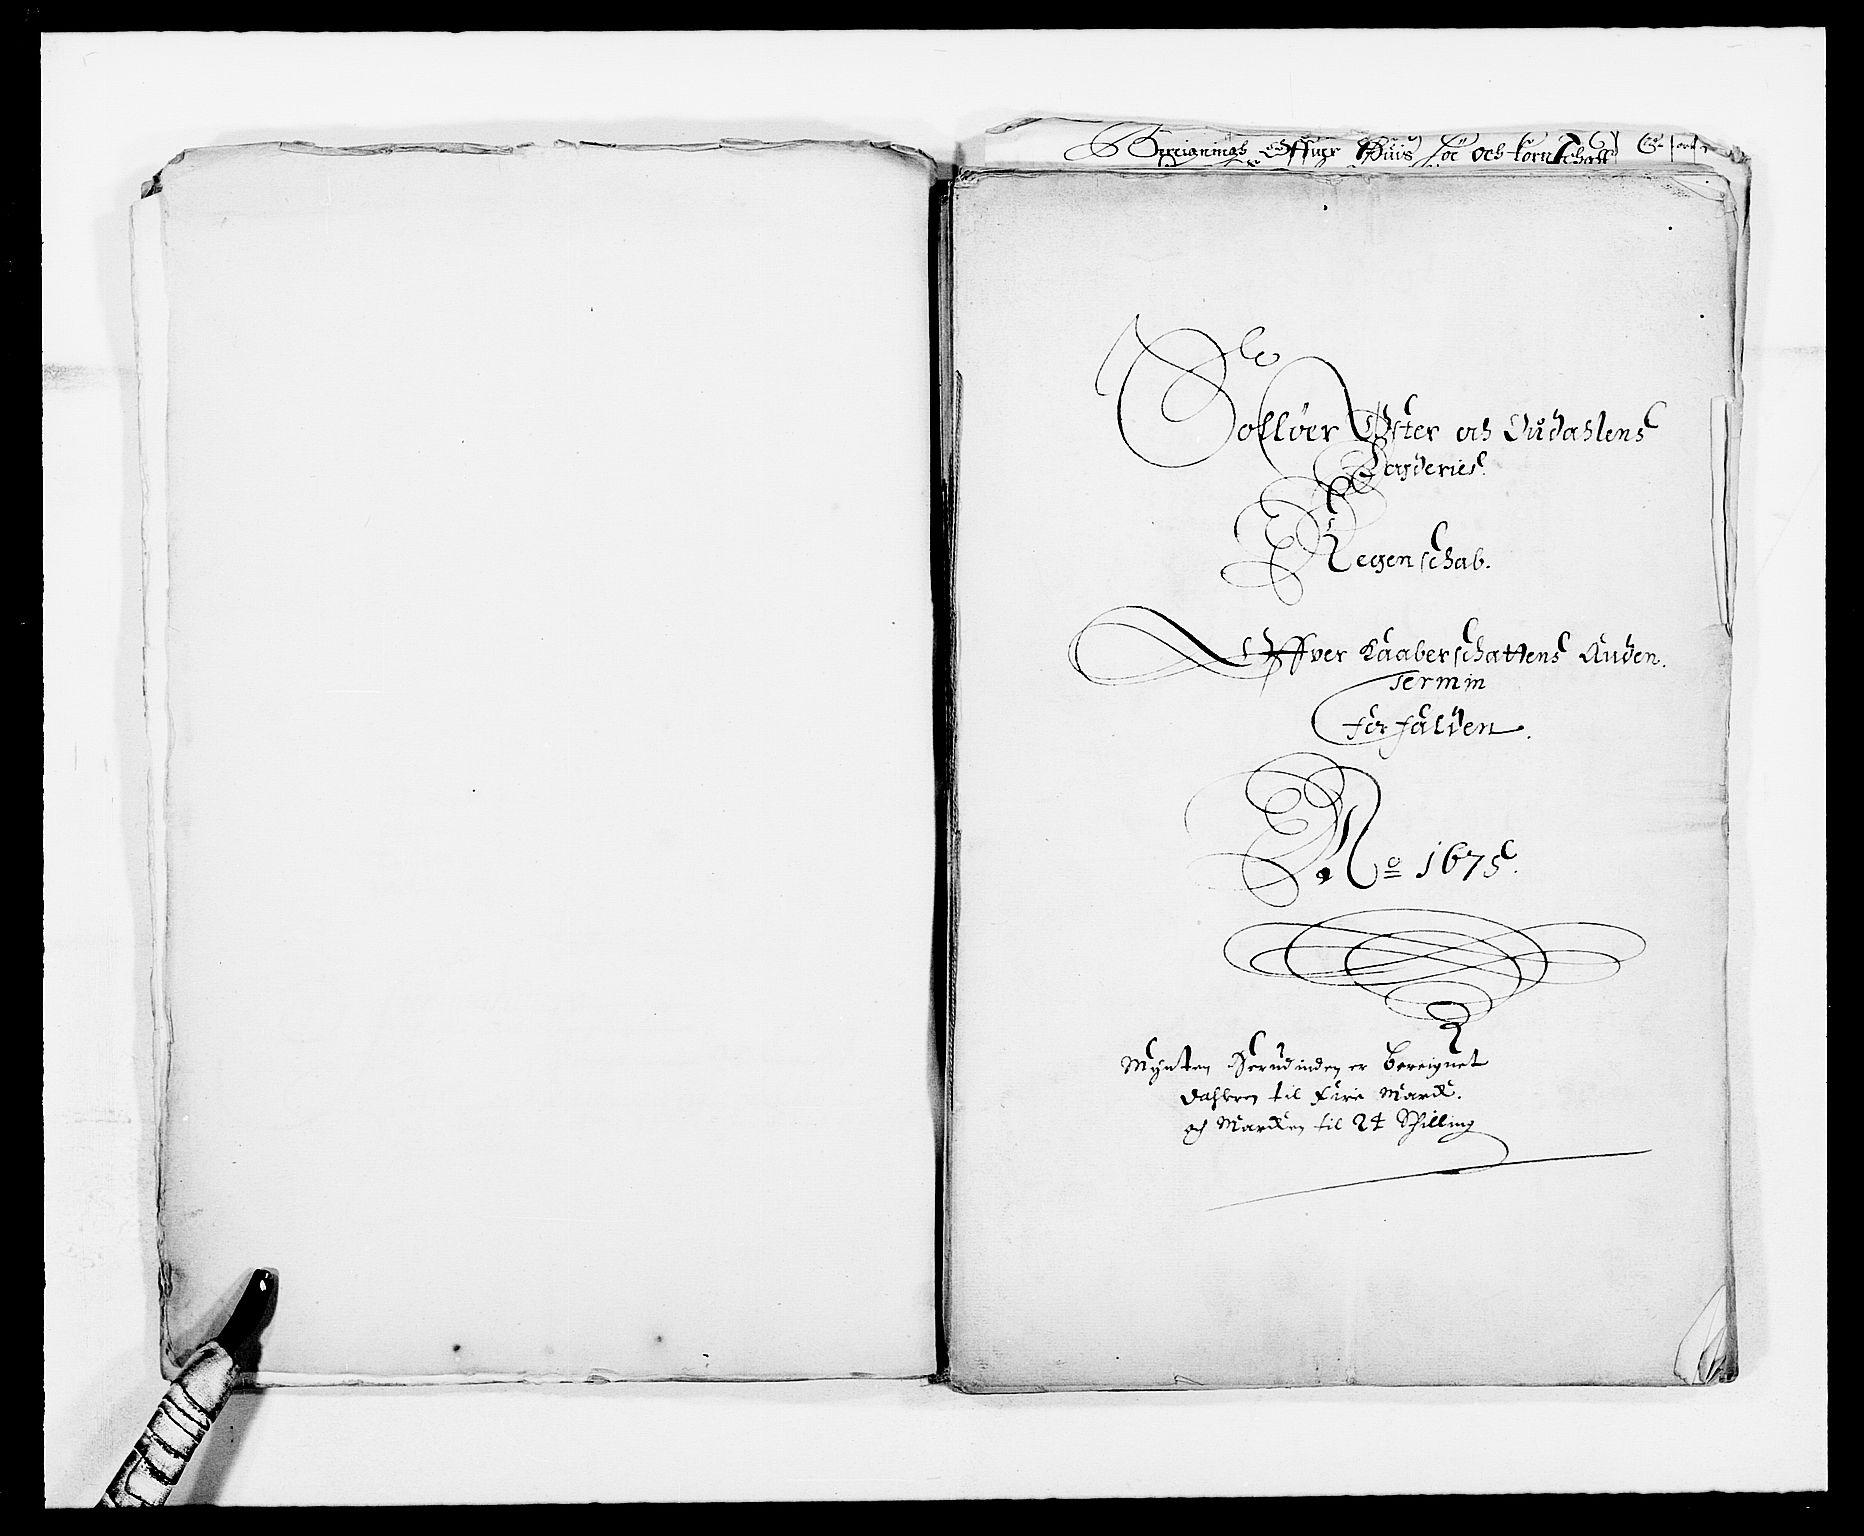 RA, Rentekammeret inntil 1814, Reviderte regnskaper, Fogderegnskap, R13/L0808: Fogderegnskap Solør, Odal og Østerdal, 1675, s. 48